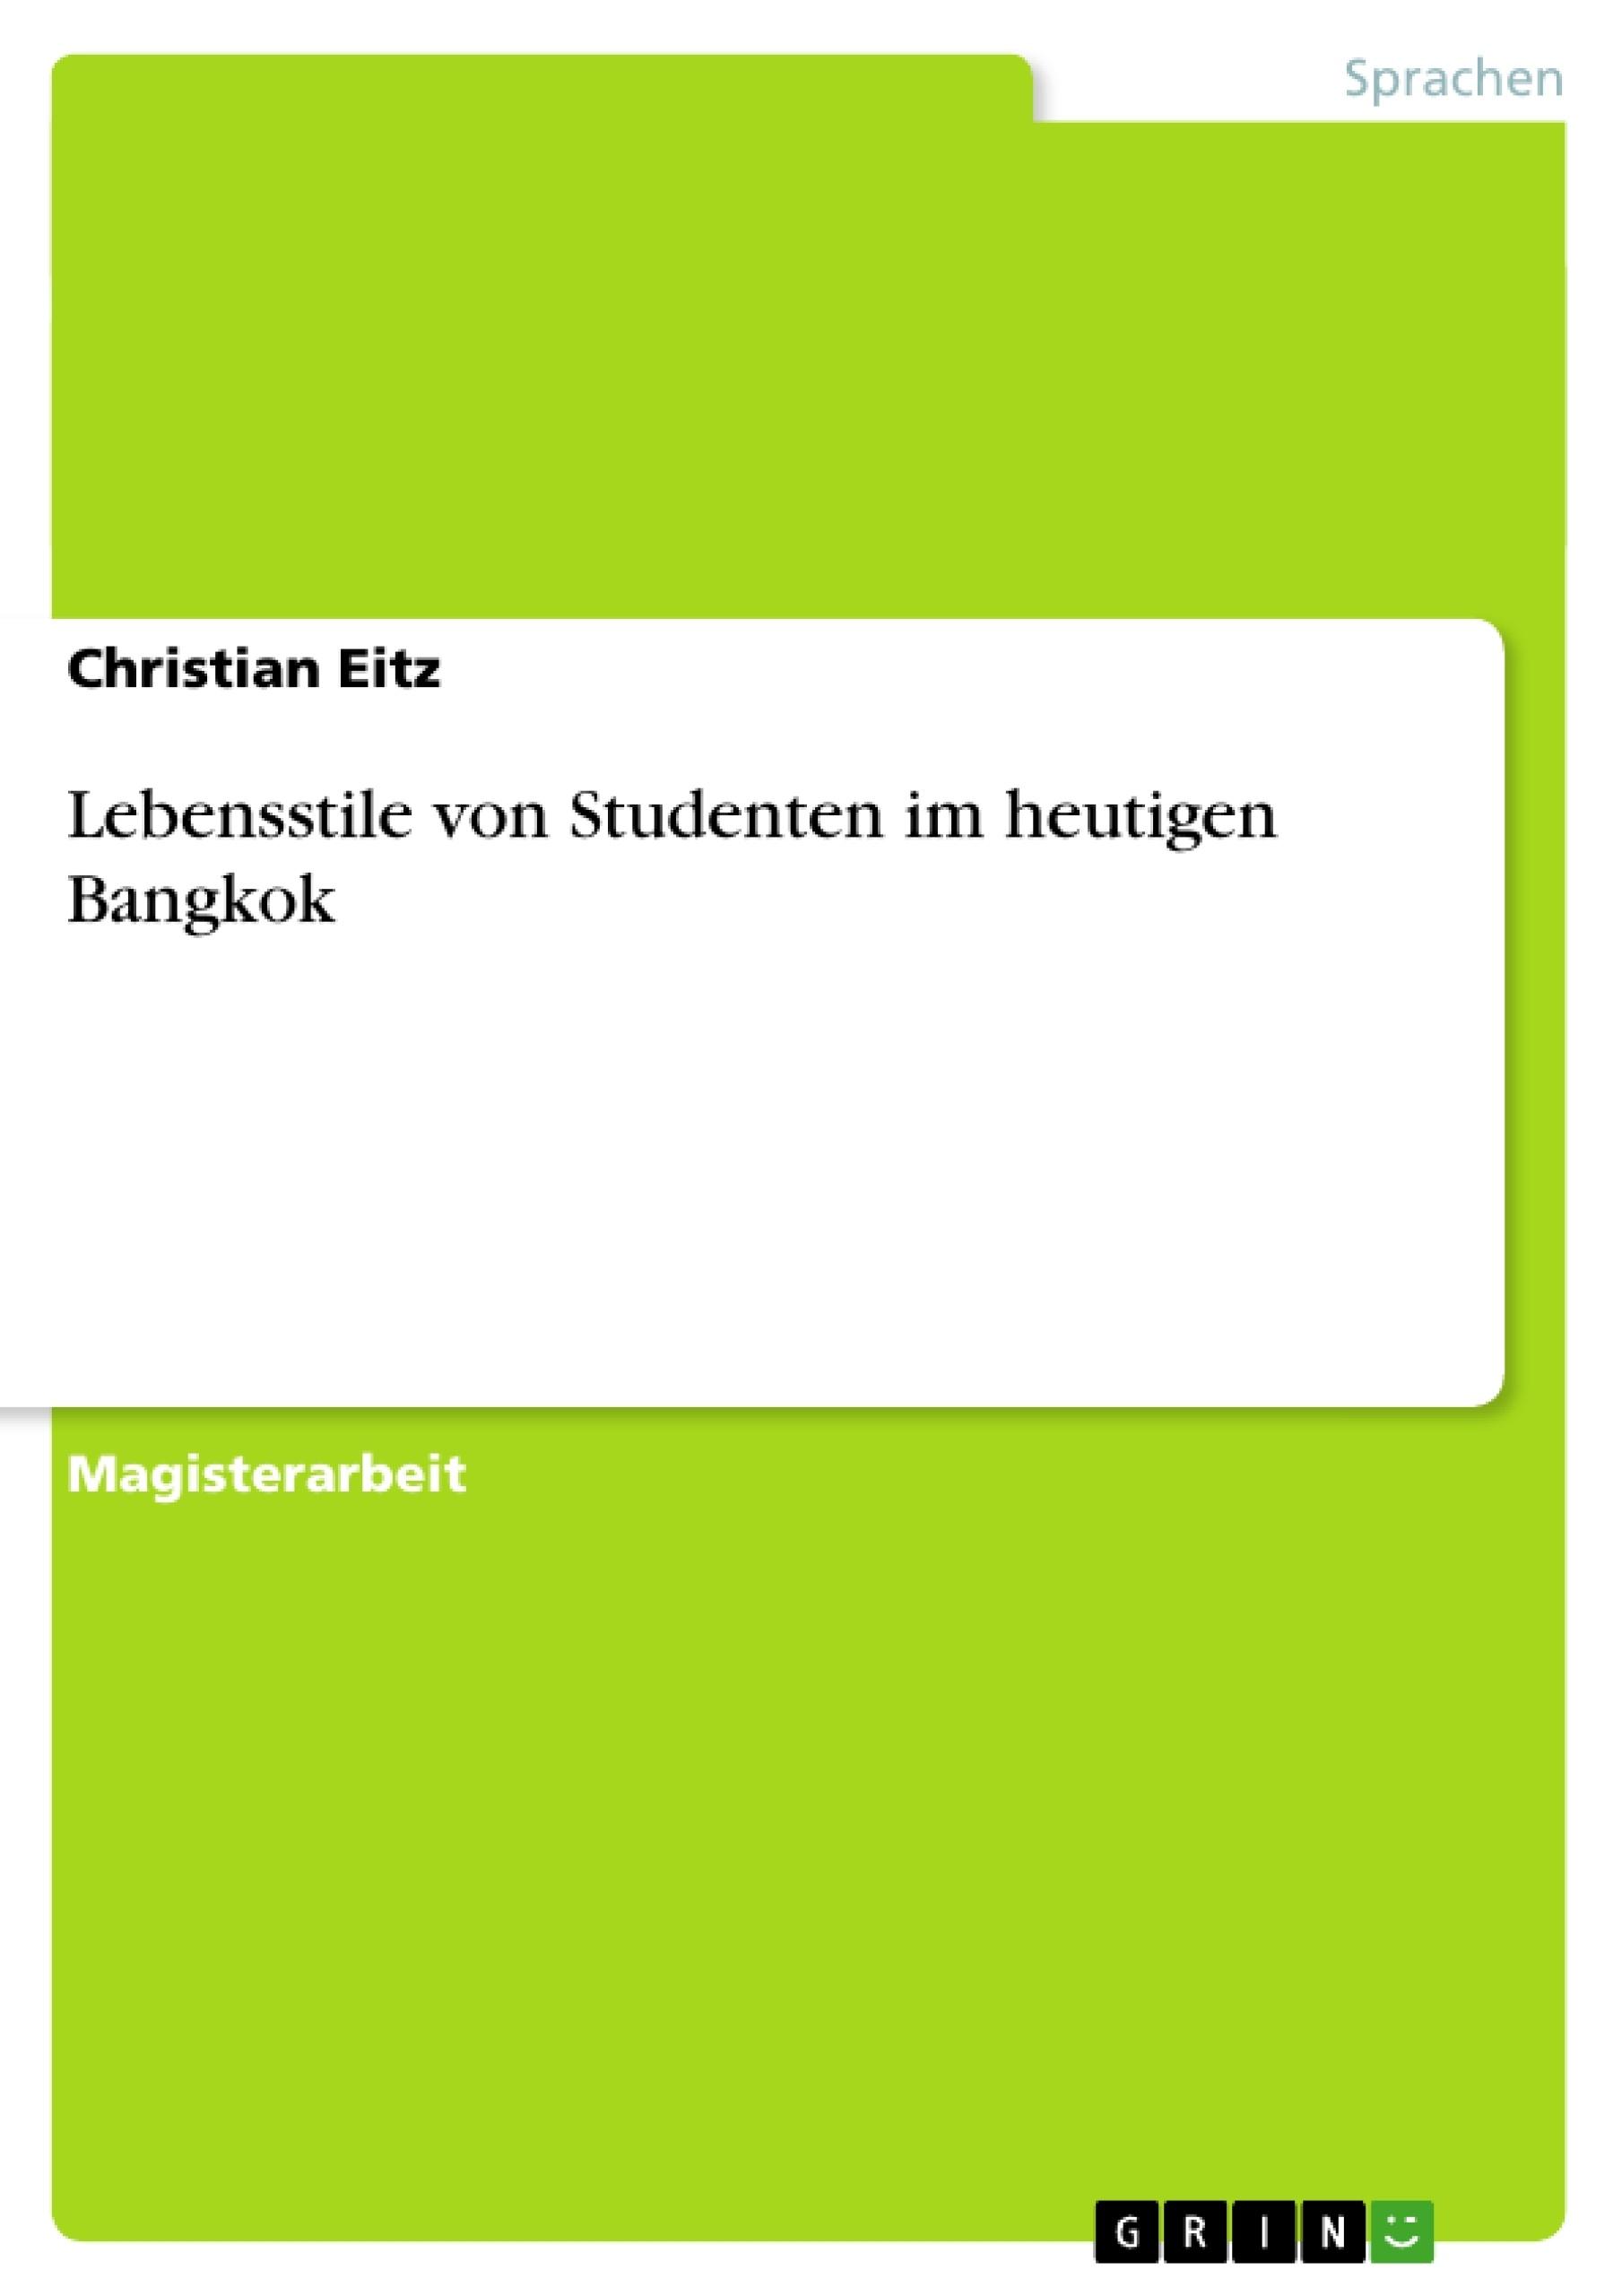 Titel: Lebensstile von Studenten im heutigen Bangkok